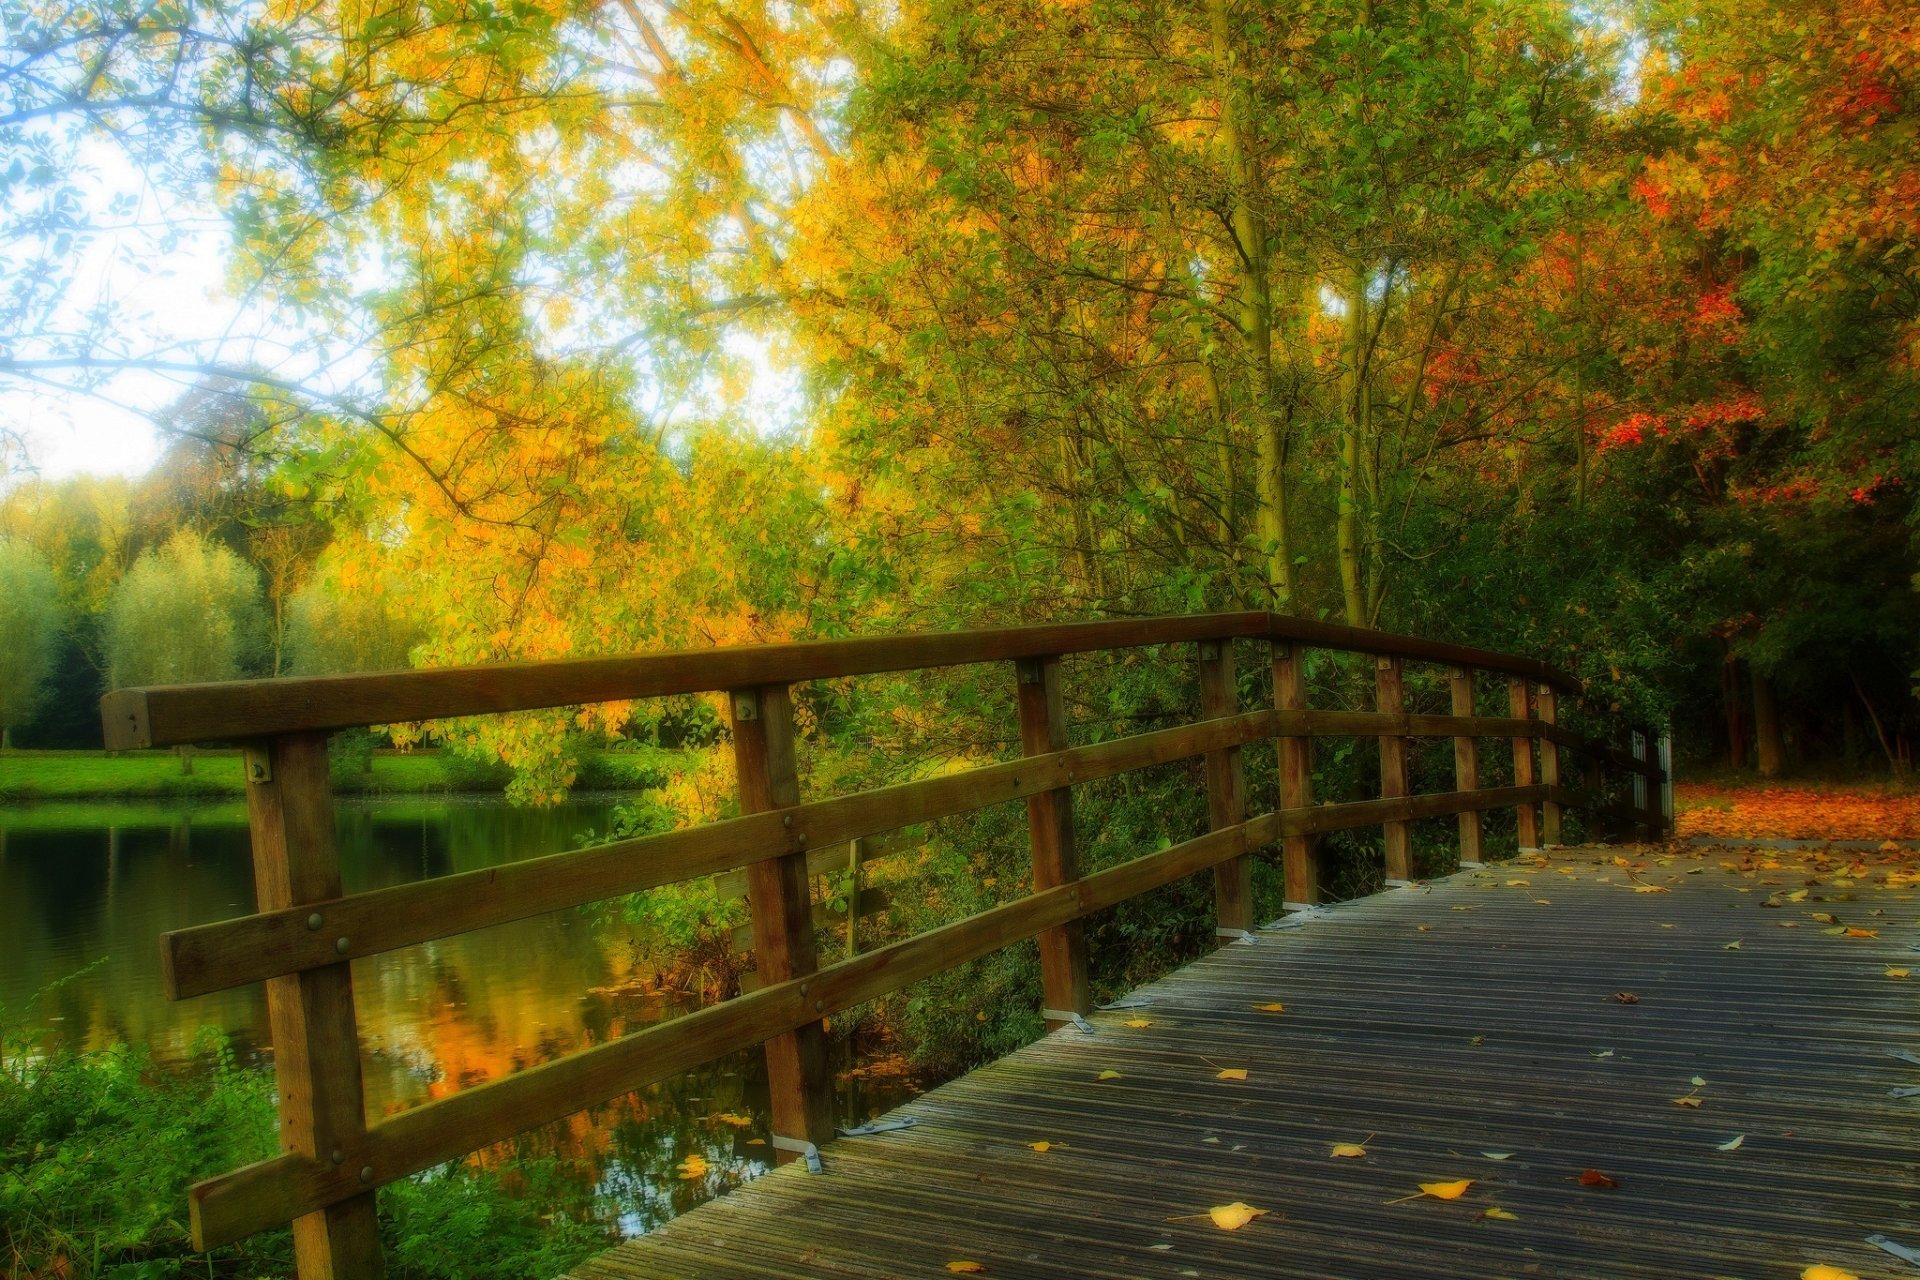 природа мост деревья лес река загрузить